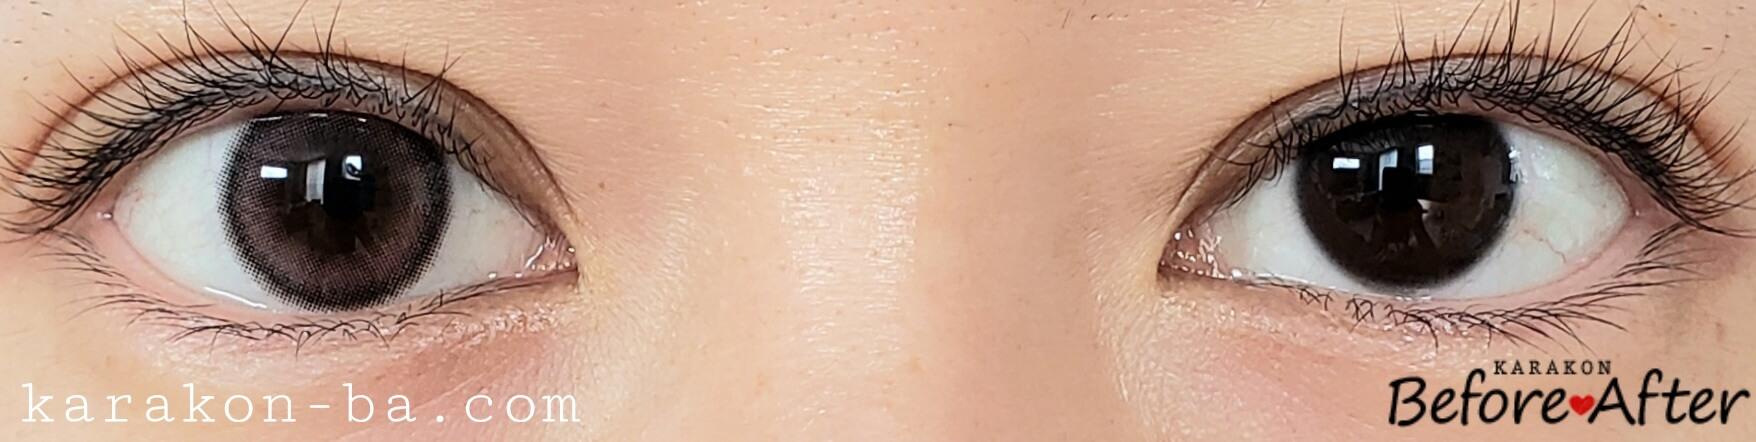 サクララブのカラコン装着画像/裸眼と比較